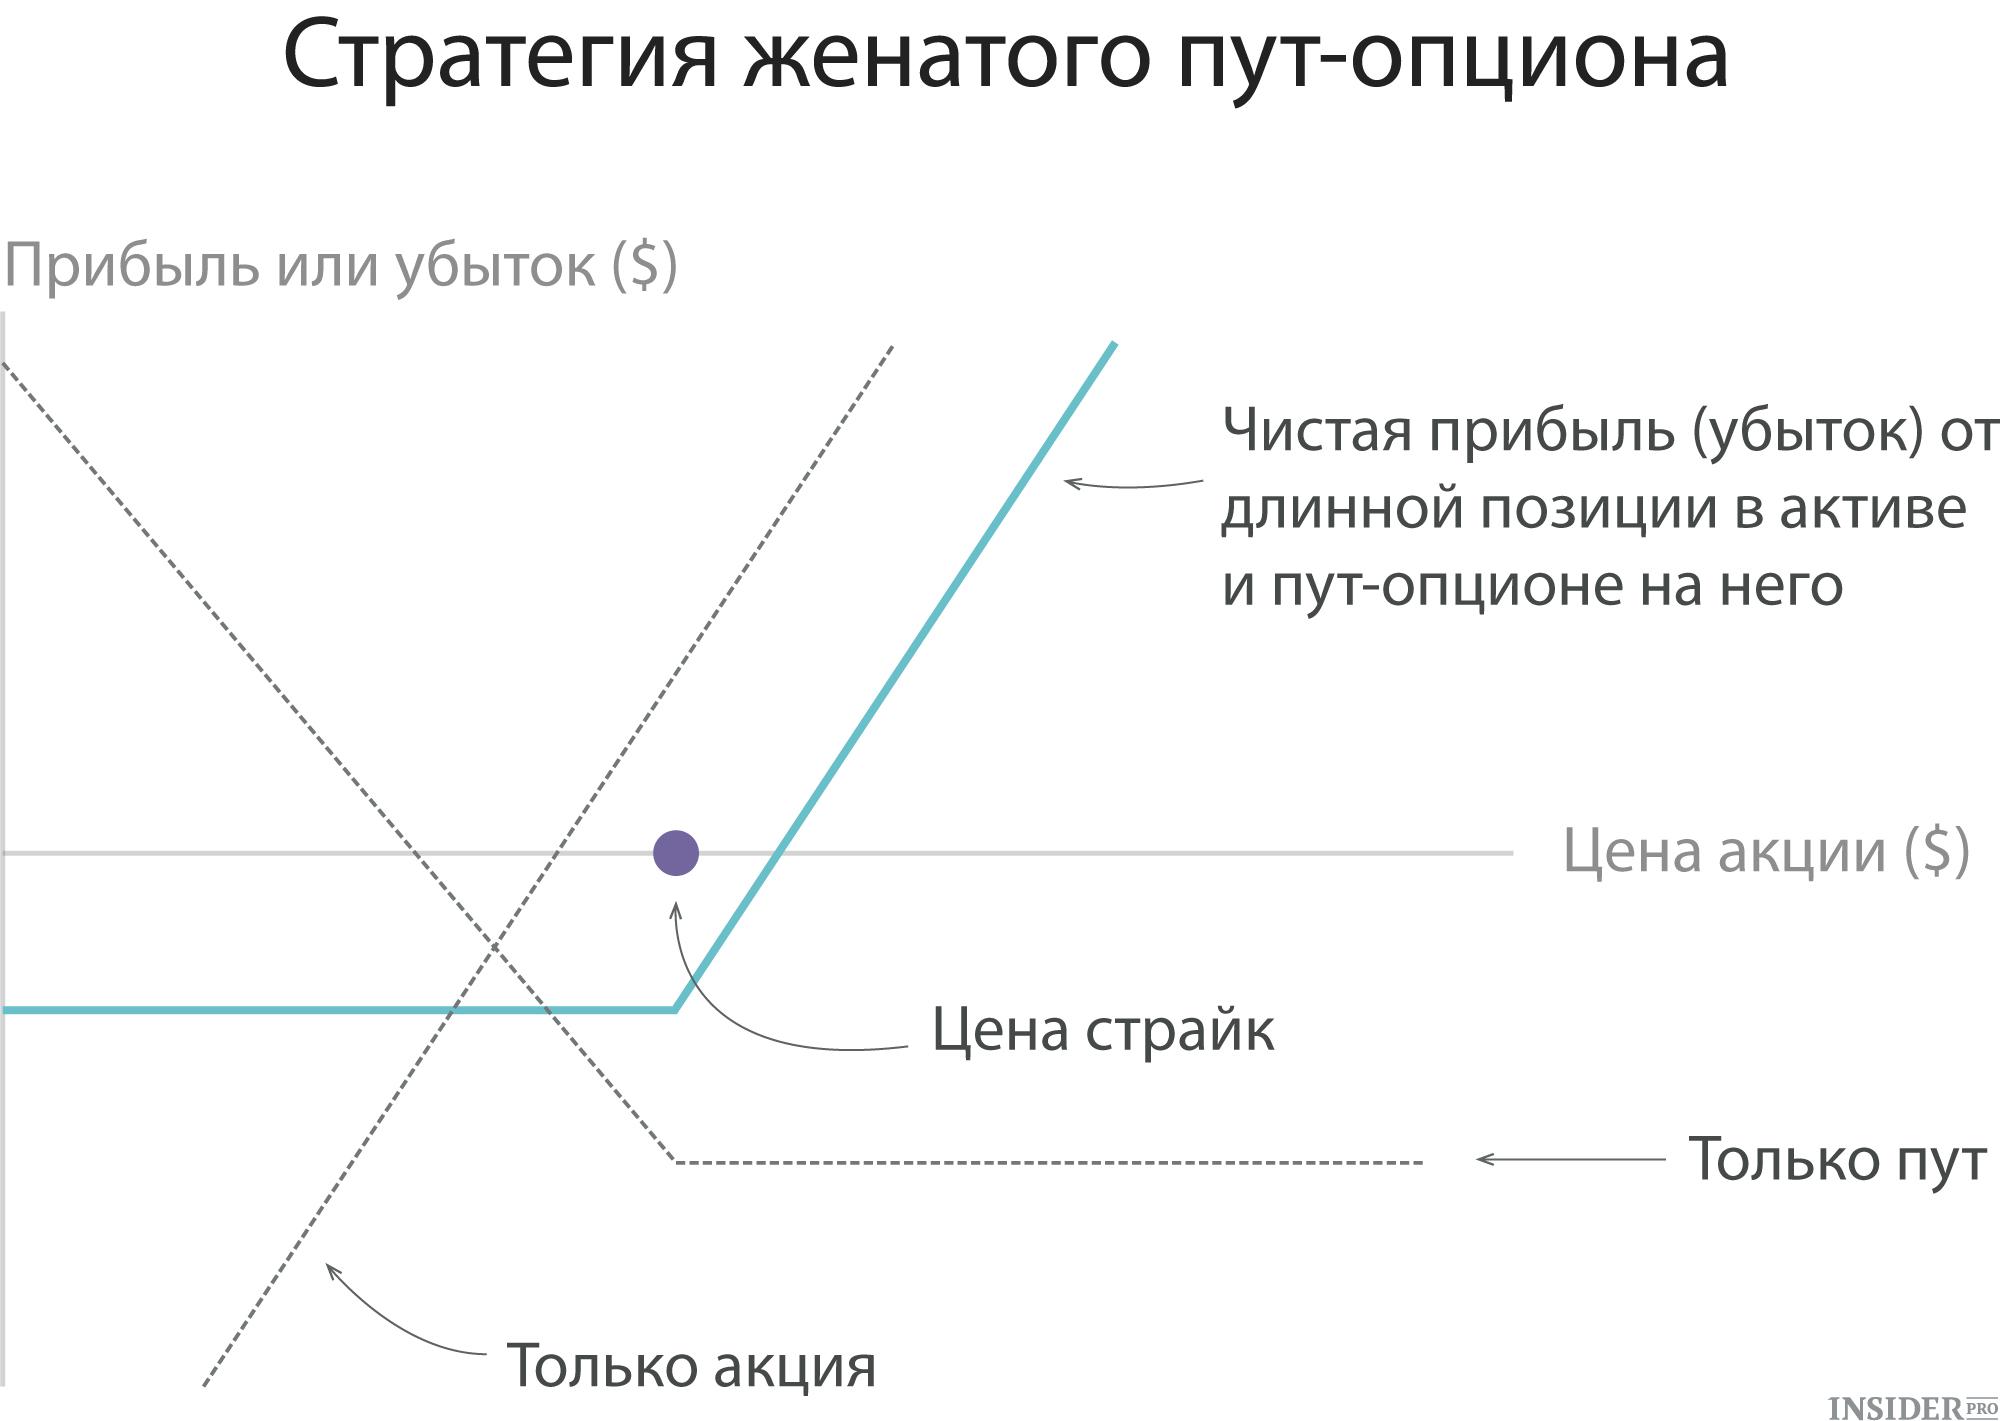 iet opciju aprēķins tirdzniecības terminālu binārās opcijas